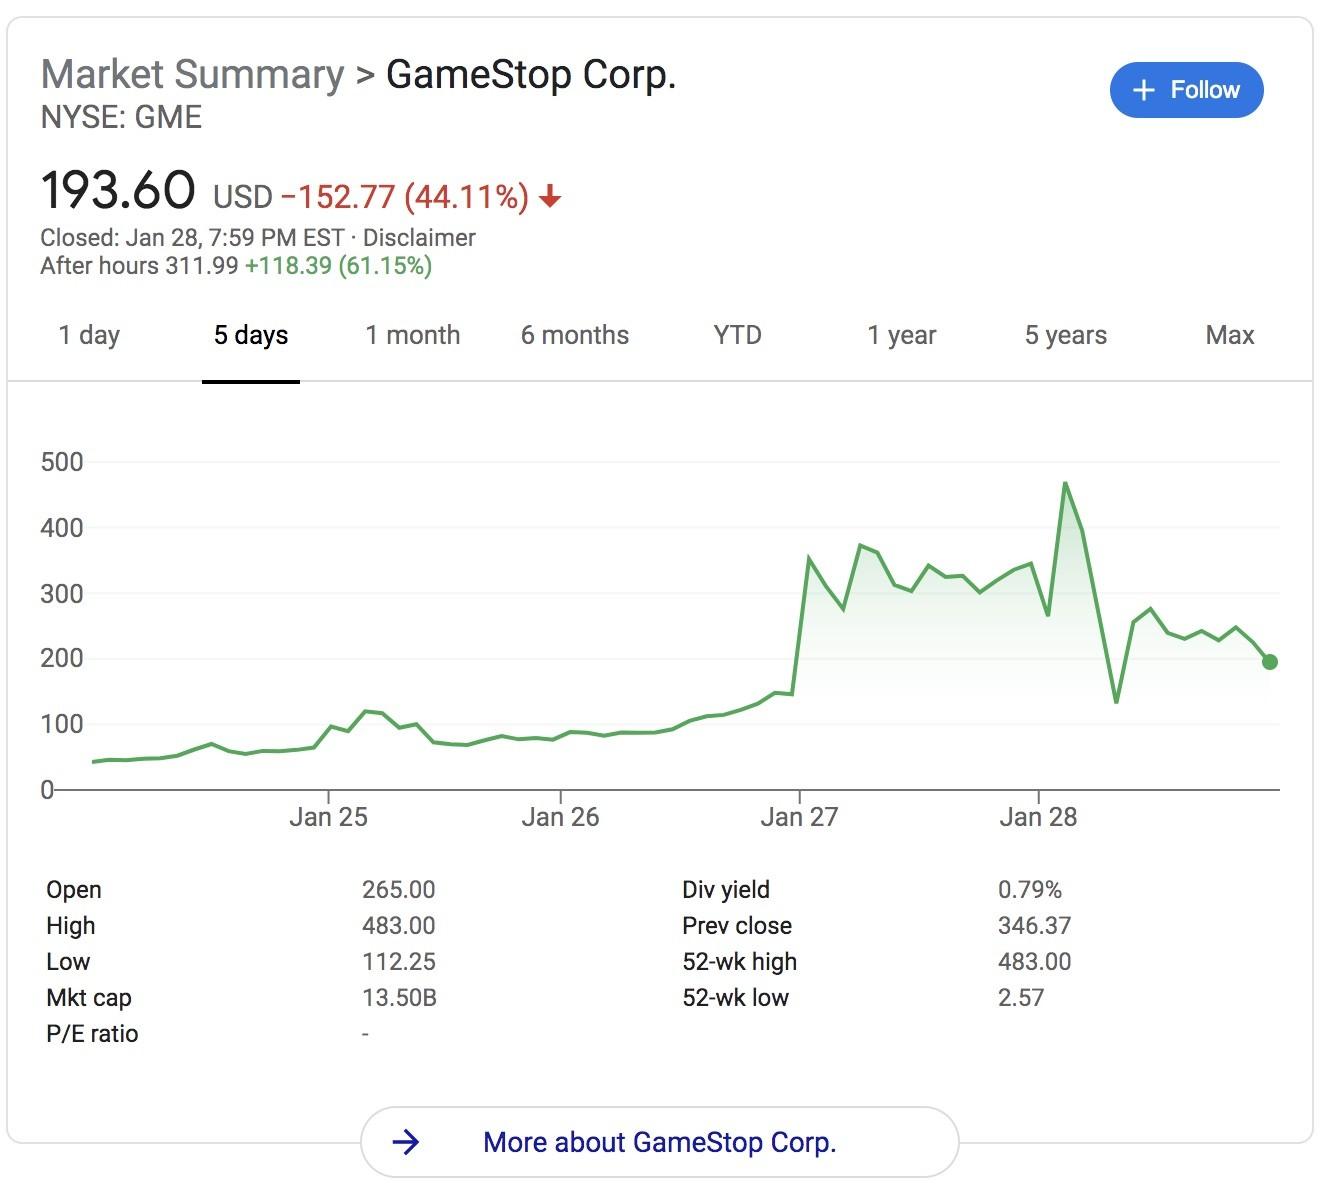 GameStop stock graph